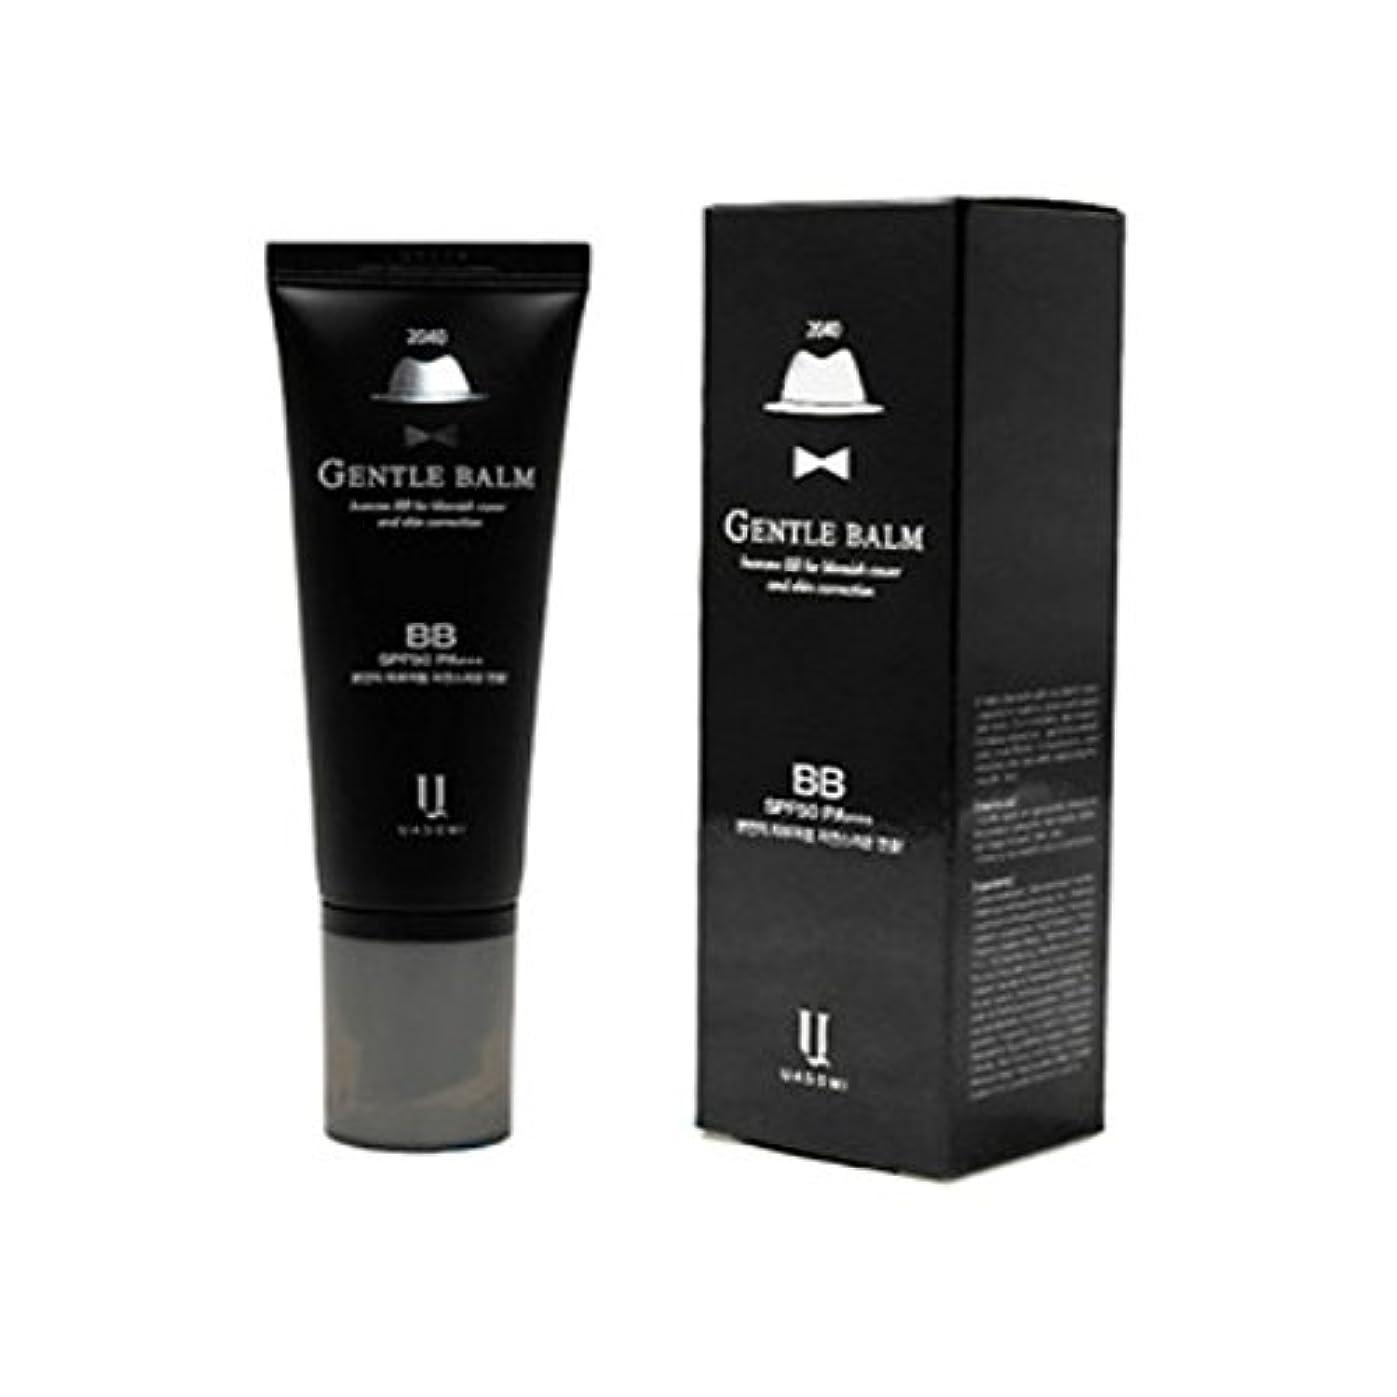 手荷物プレート悪の(男 BB クリーム 韓国 日焼け止め) homme 2040 BB for blemish cover and skin correction korea beauty Gentle bam SFP50 PA+++ (...